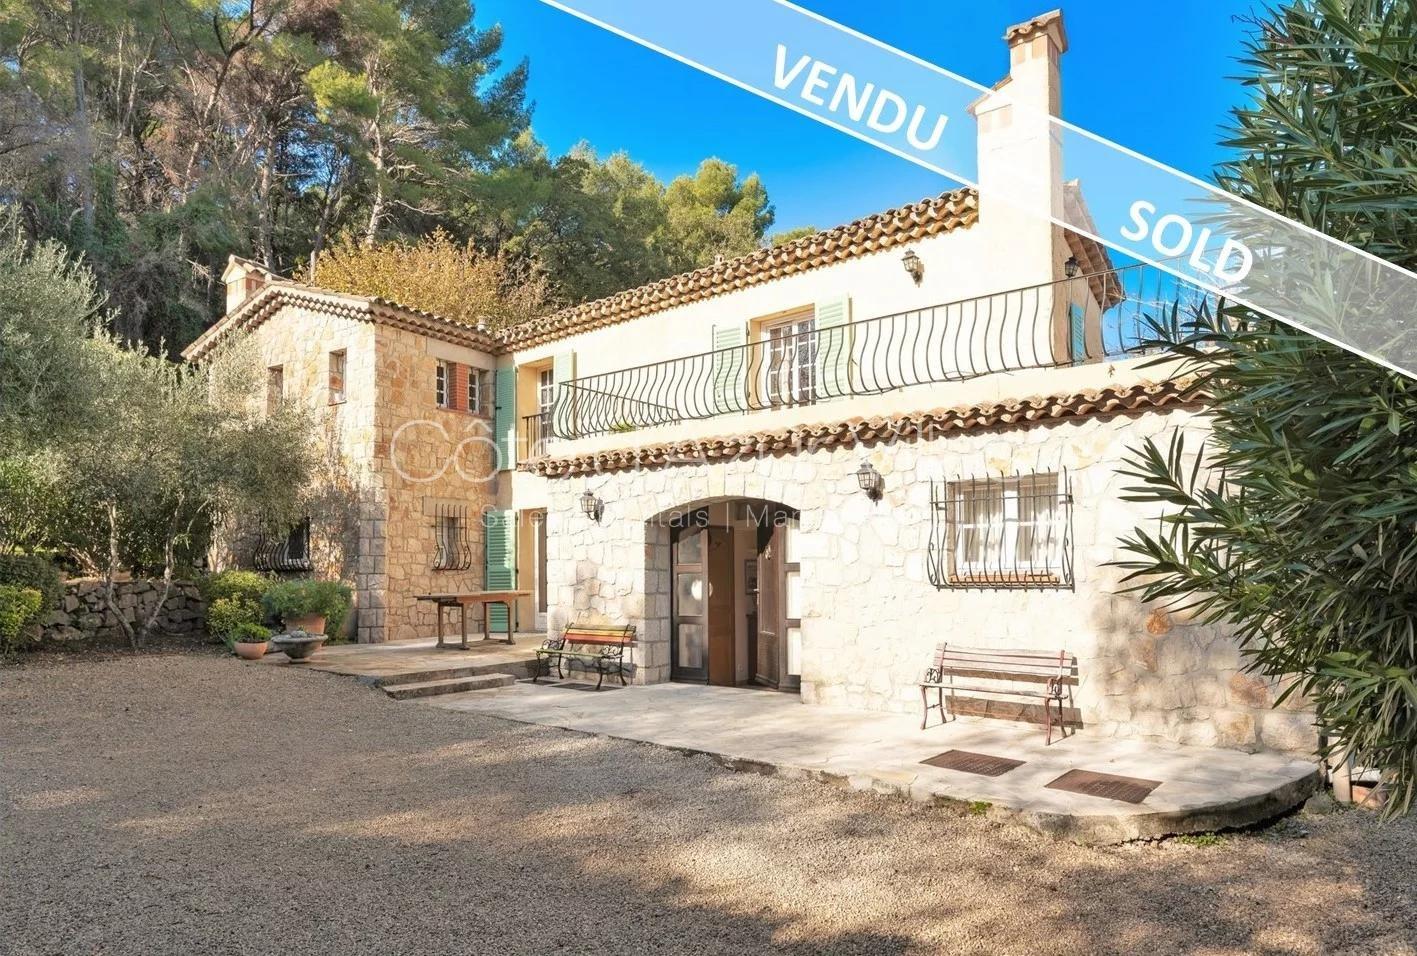 Verkauf Haus - Mougins Le Val de Mougins